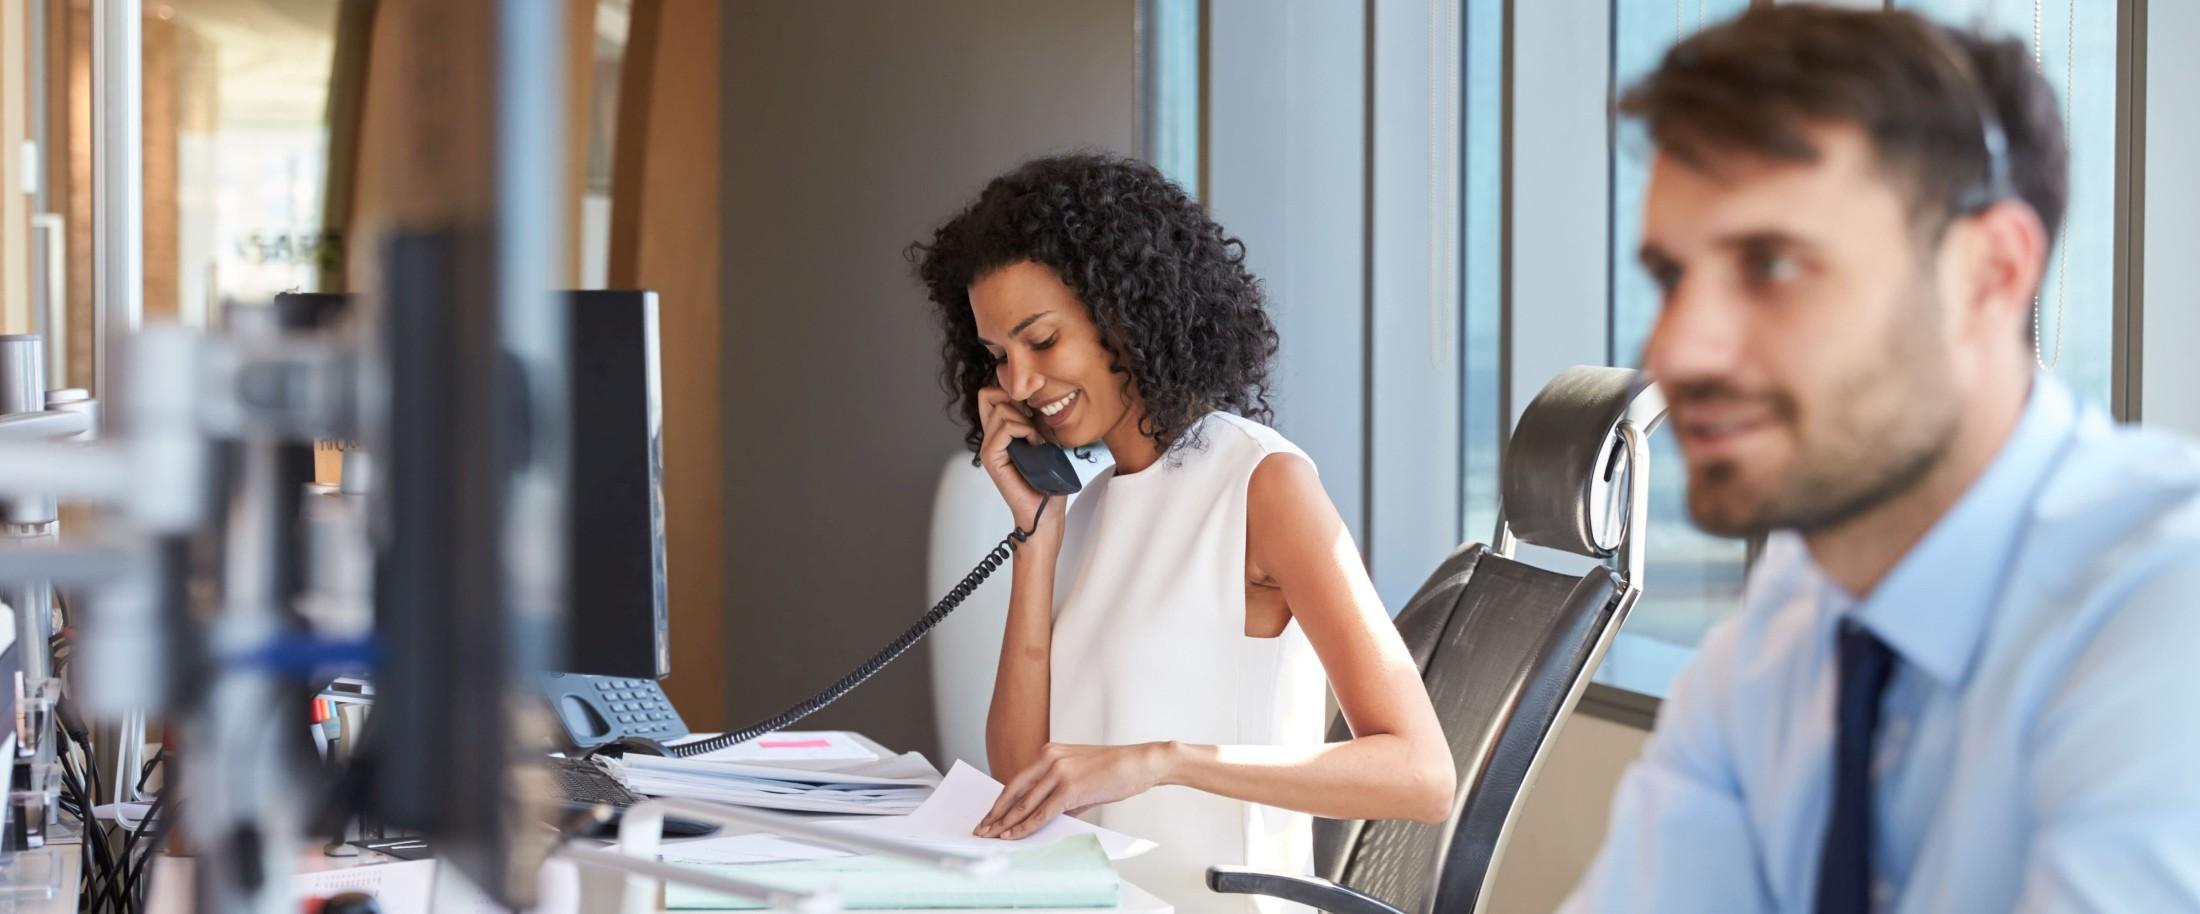 VoIP Adapter – So verwenden Sie Ihre konventionelle Hardware weiter